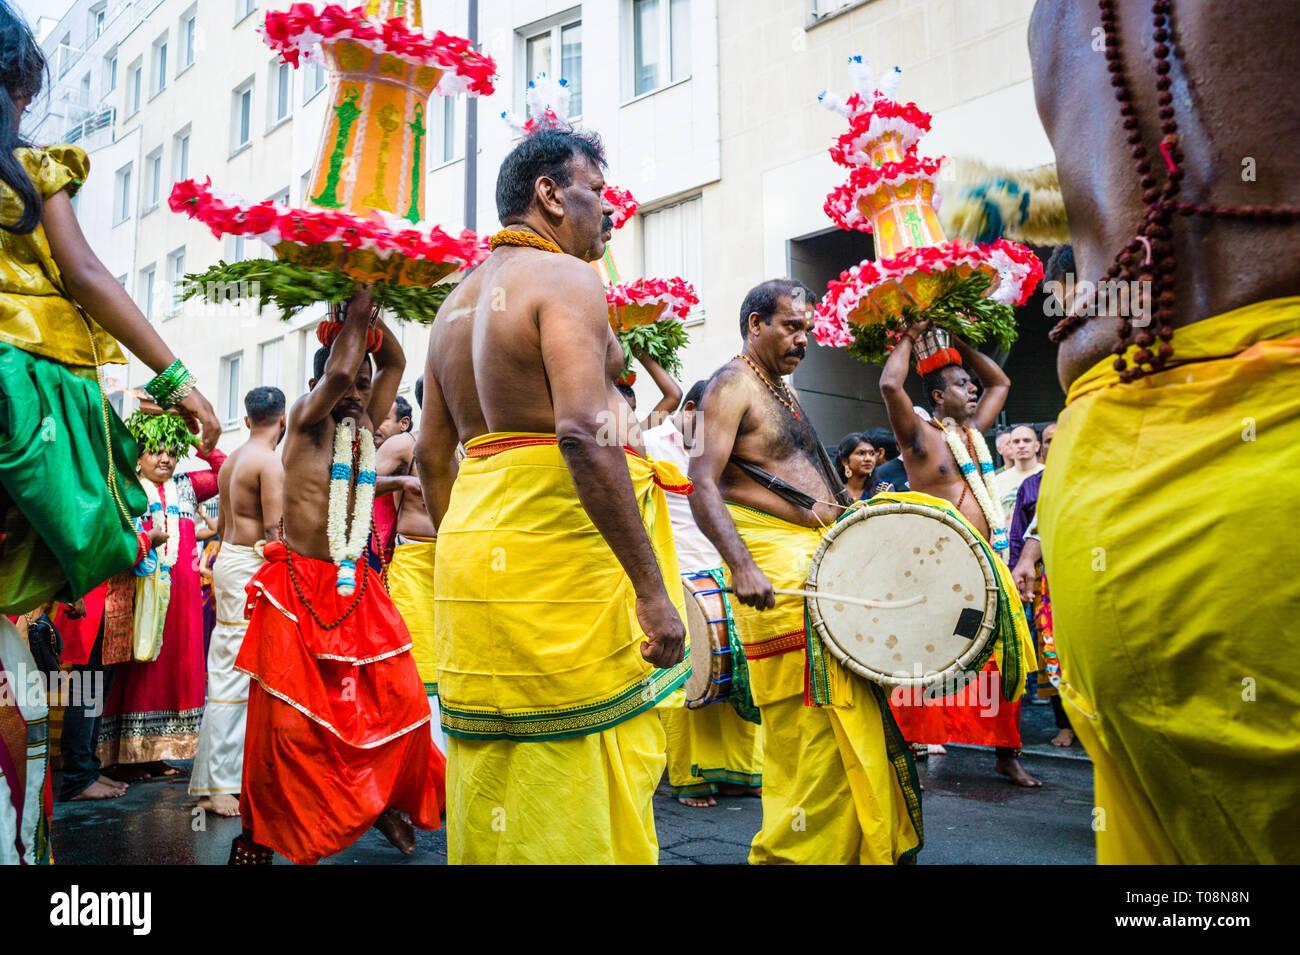 Auf Ganesh Chaturthi Festival in Paris, die Feier der Geburt von Ganesha, bare-chested männliche Tänzer und Musiker Parade in einem öffentlichen Prozession. Stockfoto